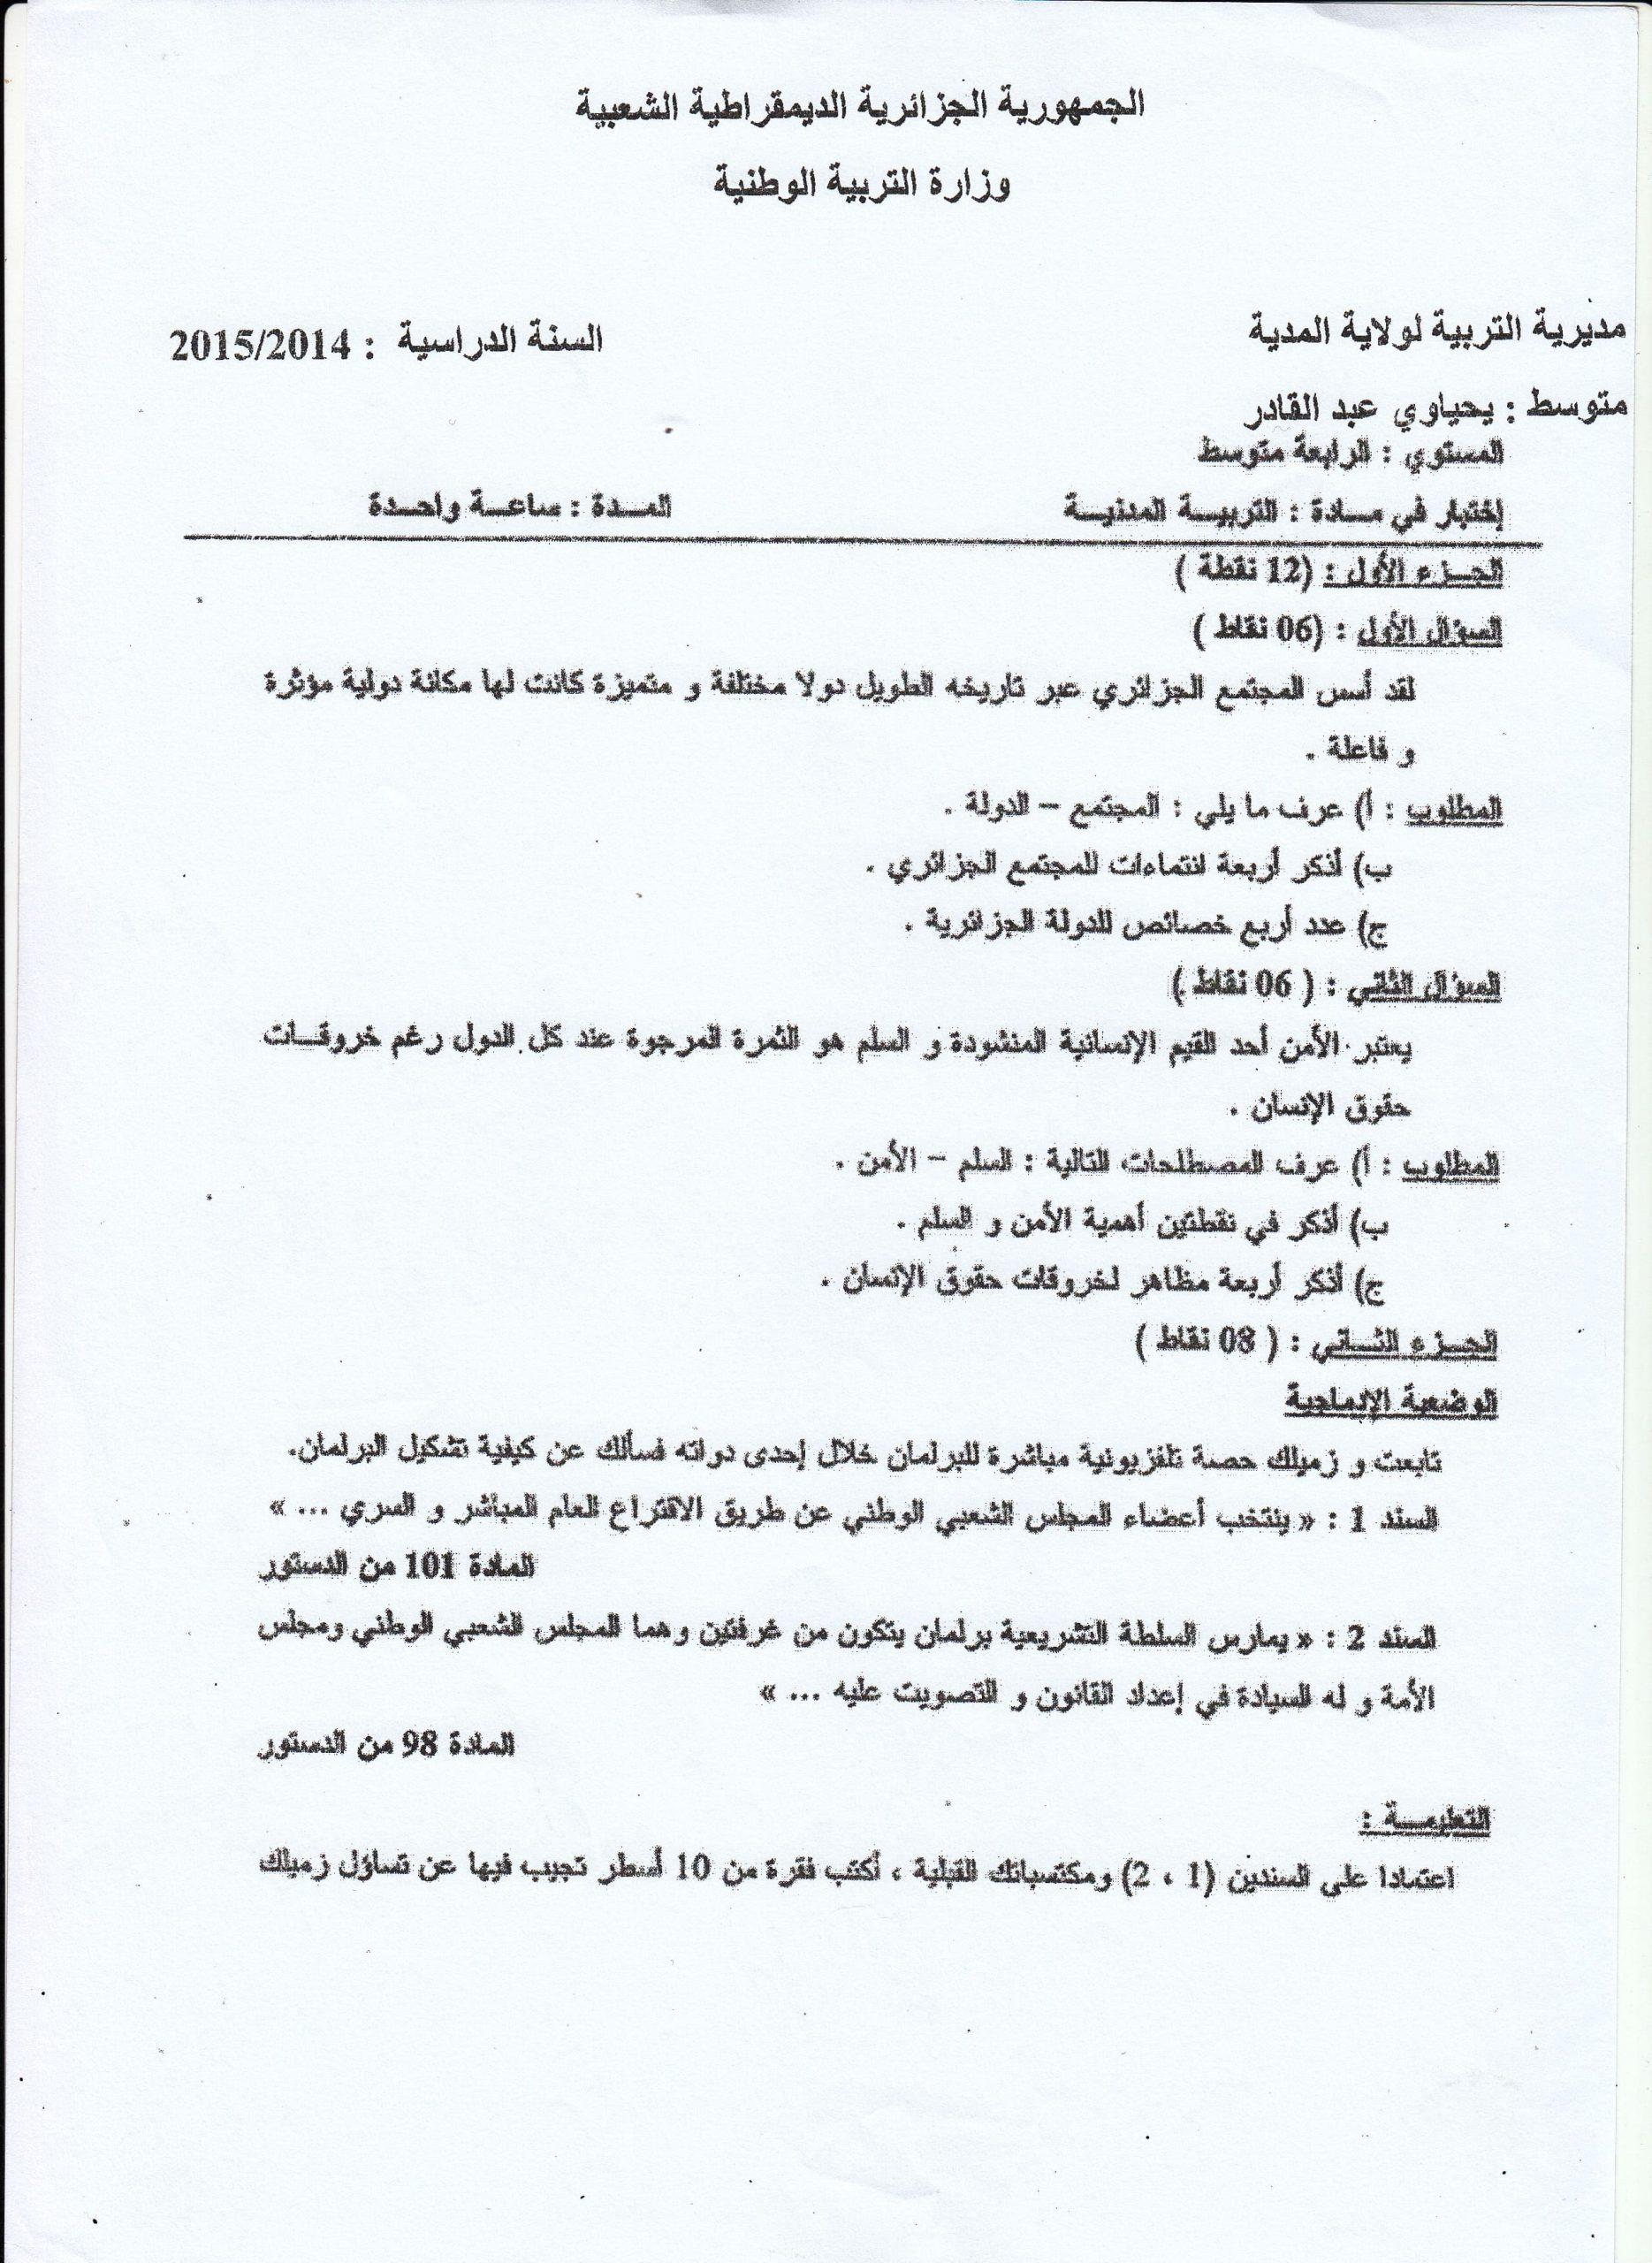 اختبار الفصل الثالث في التربية المدنية السنة الرابعة متوسط | الموضوع 03